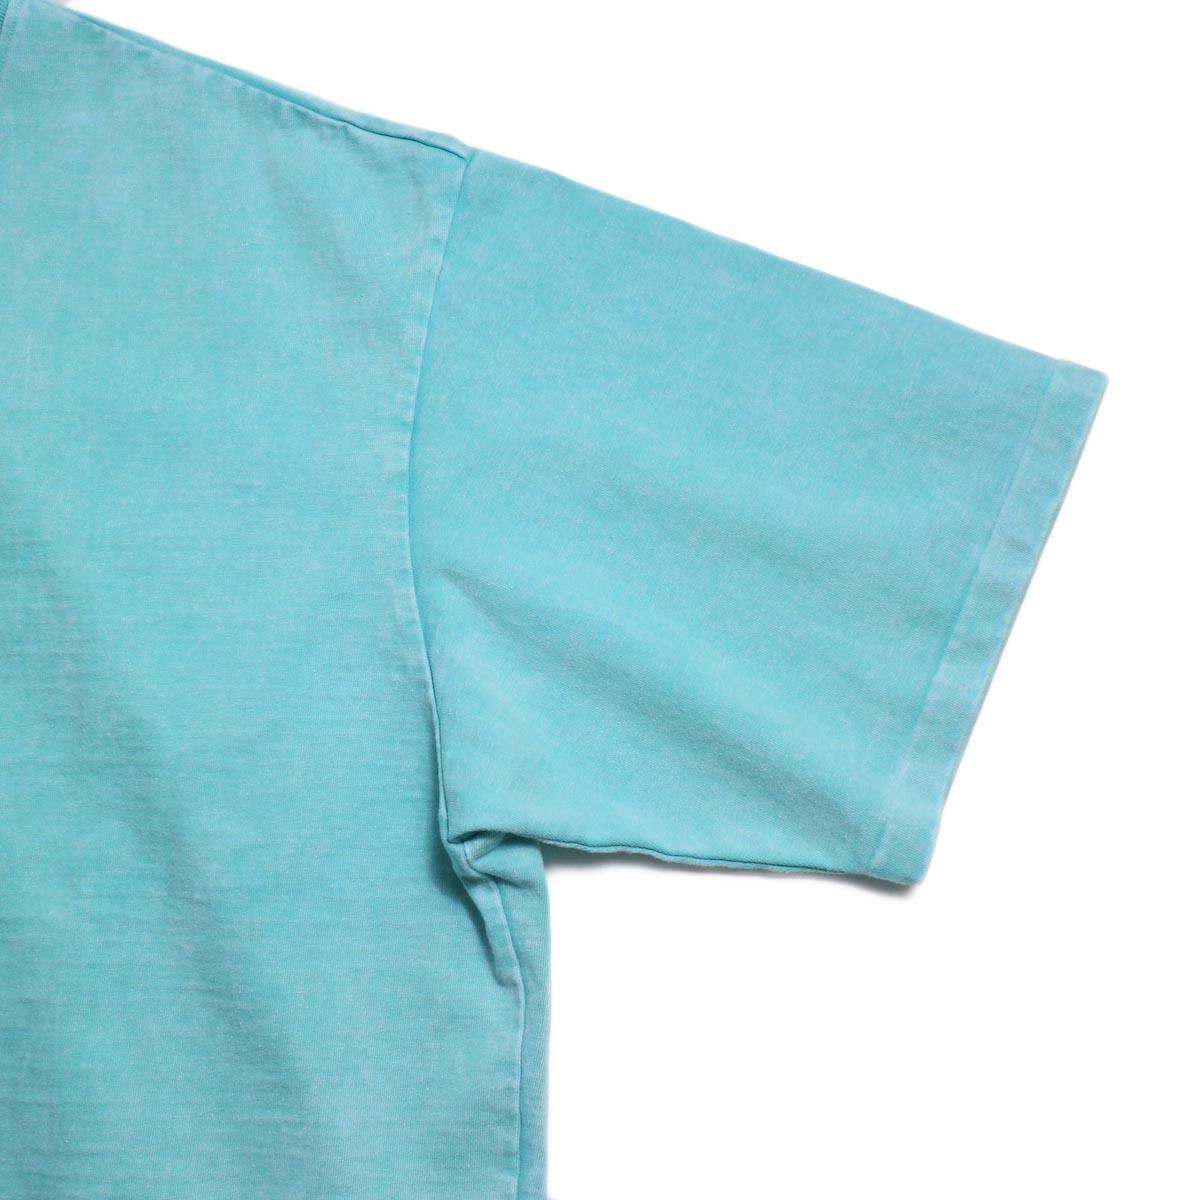 N.HOOLYWOOD × Gramicci  / 191-CS27-024 Short Sleeve Tee -Turquoise 袖